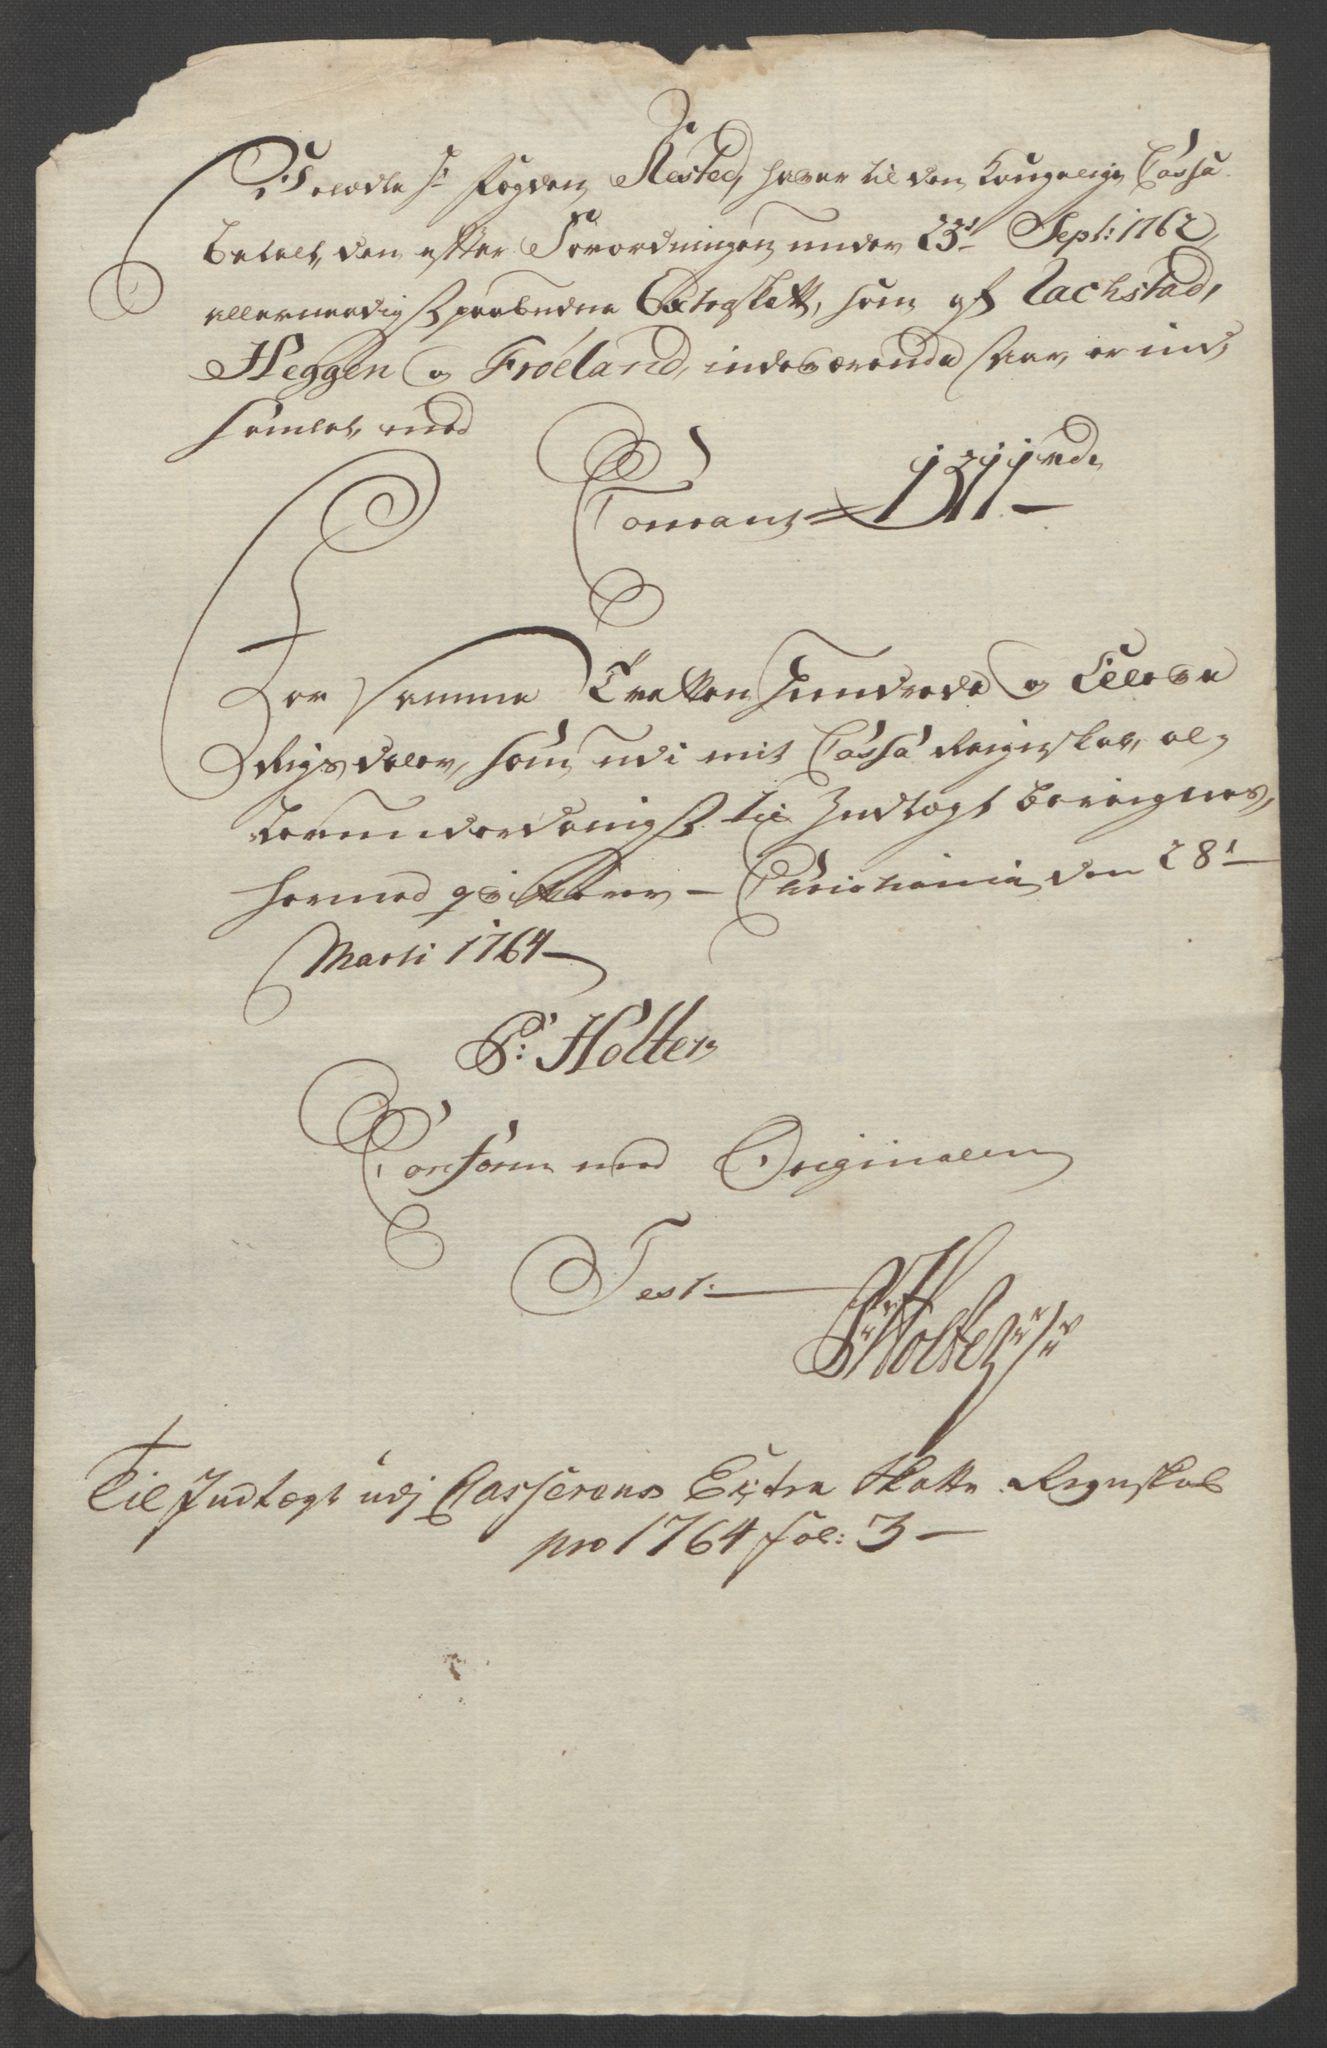 RA, Rentekammeret inntil 1814, Reviderte regnskaper, Fogderegnskap, R07/L0413: Ekstraskatten Rakkestad, Heggen og Frøland, 1762-1772, s. 259